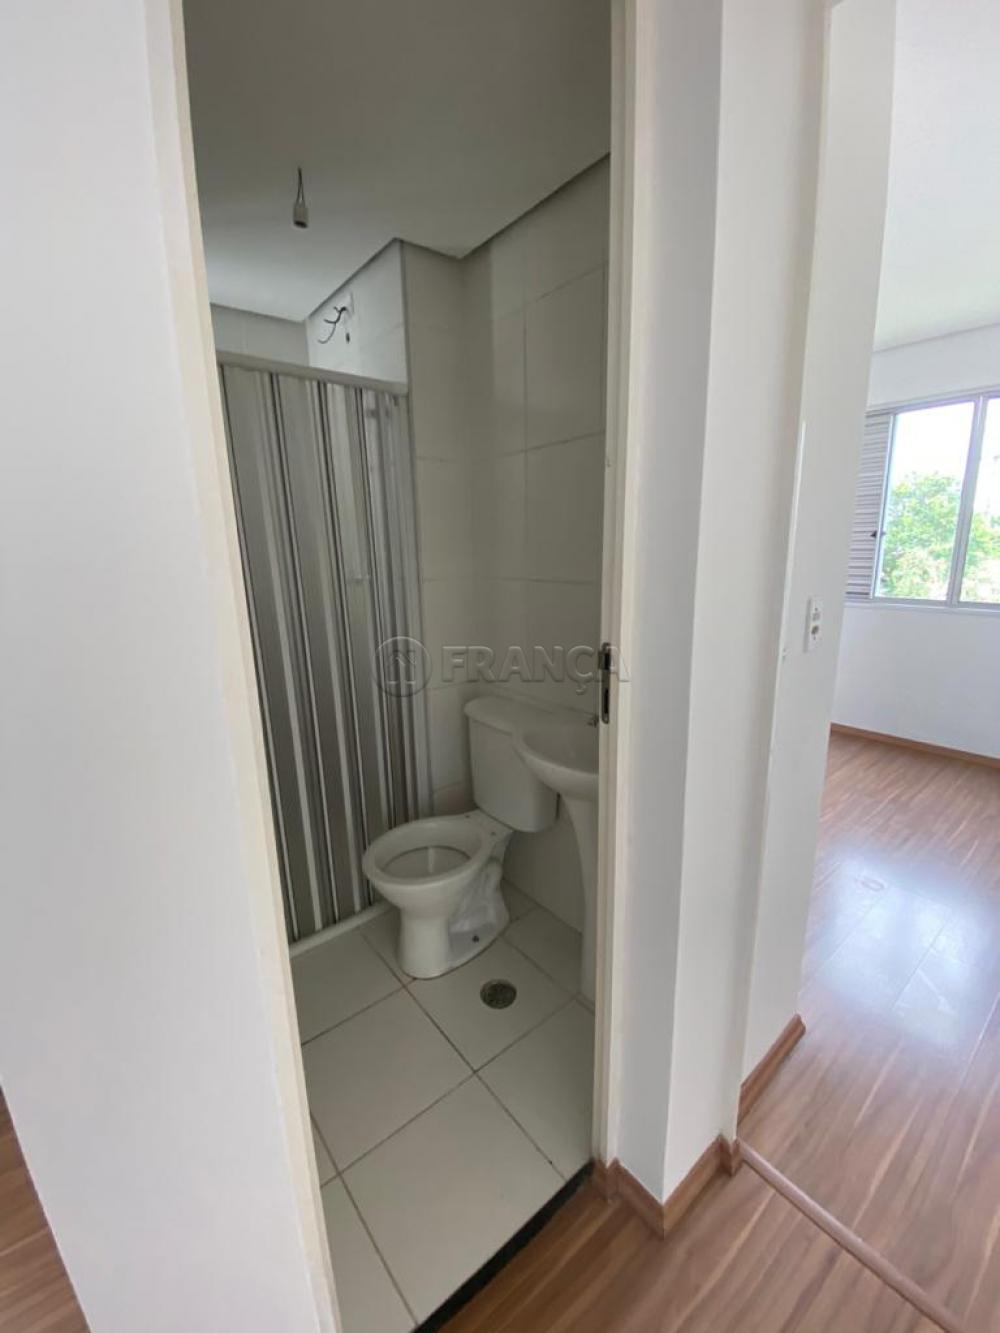 Alugar Apartamento / Padrão em São José dos Campos apenas R$ 800,00 - Foto 5